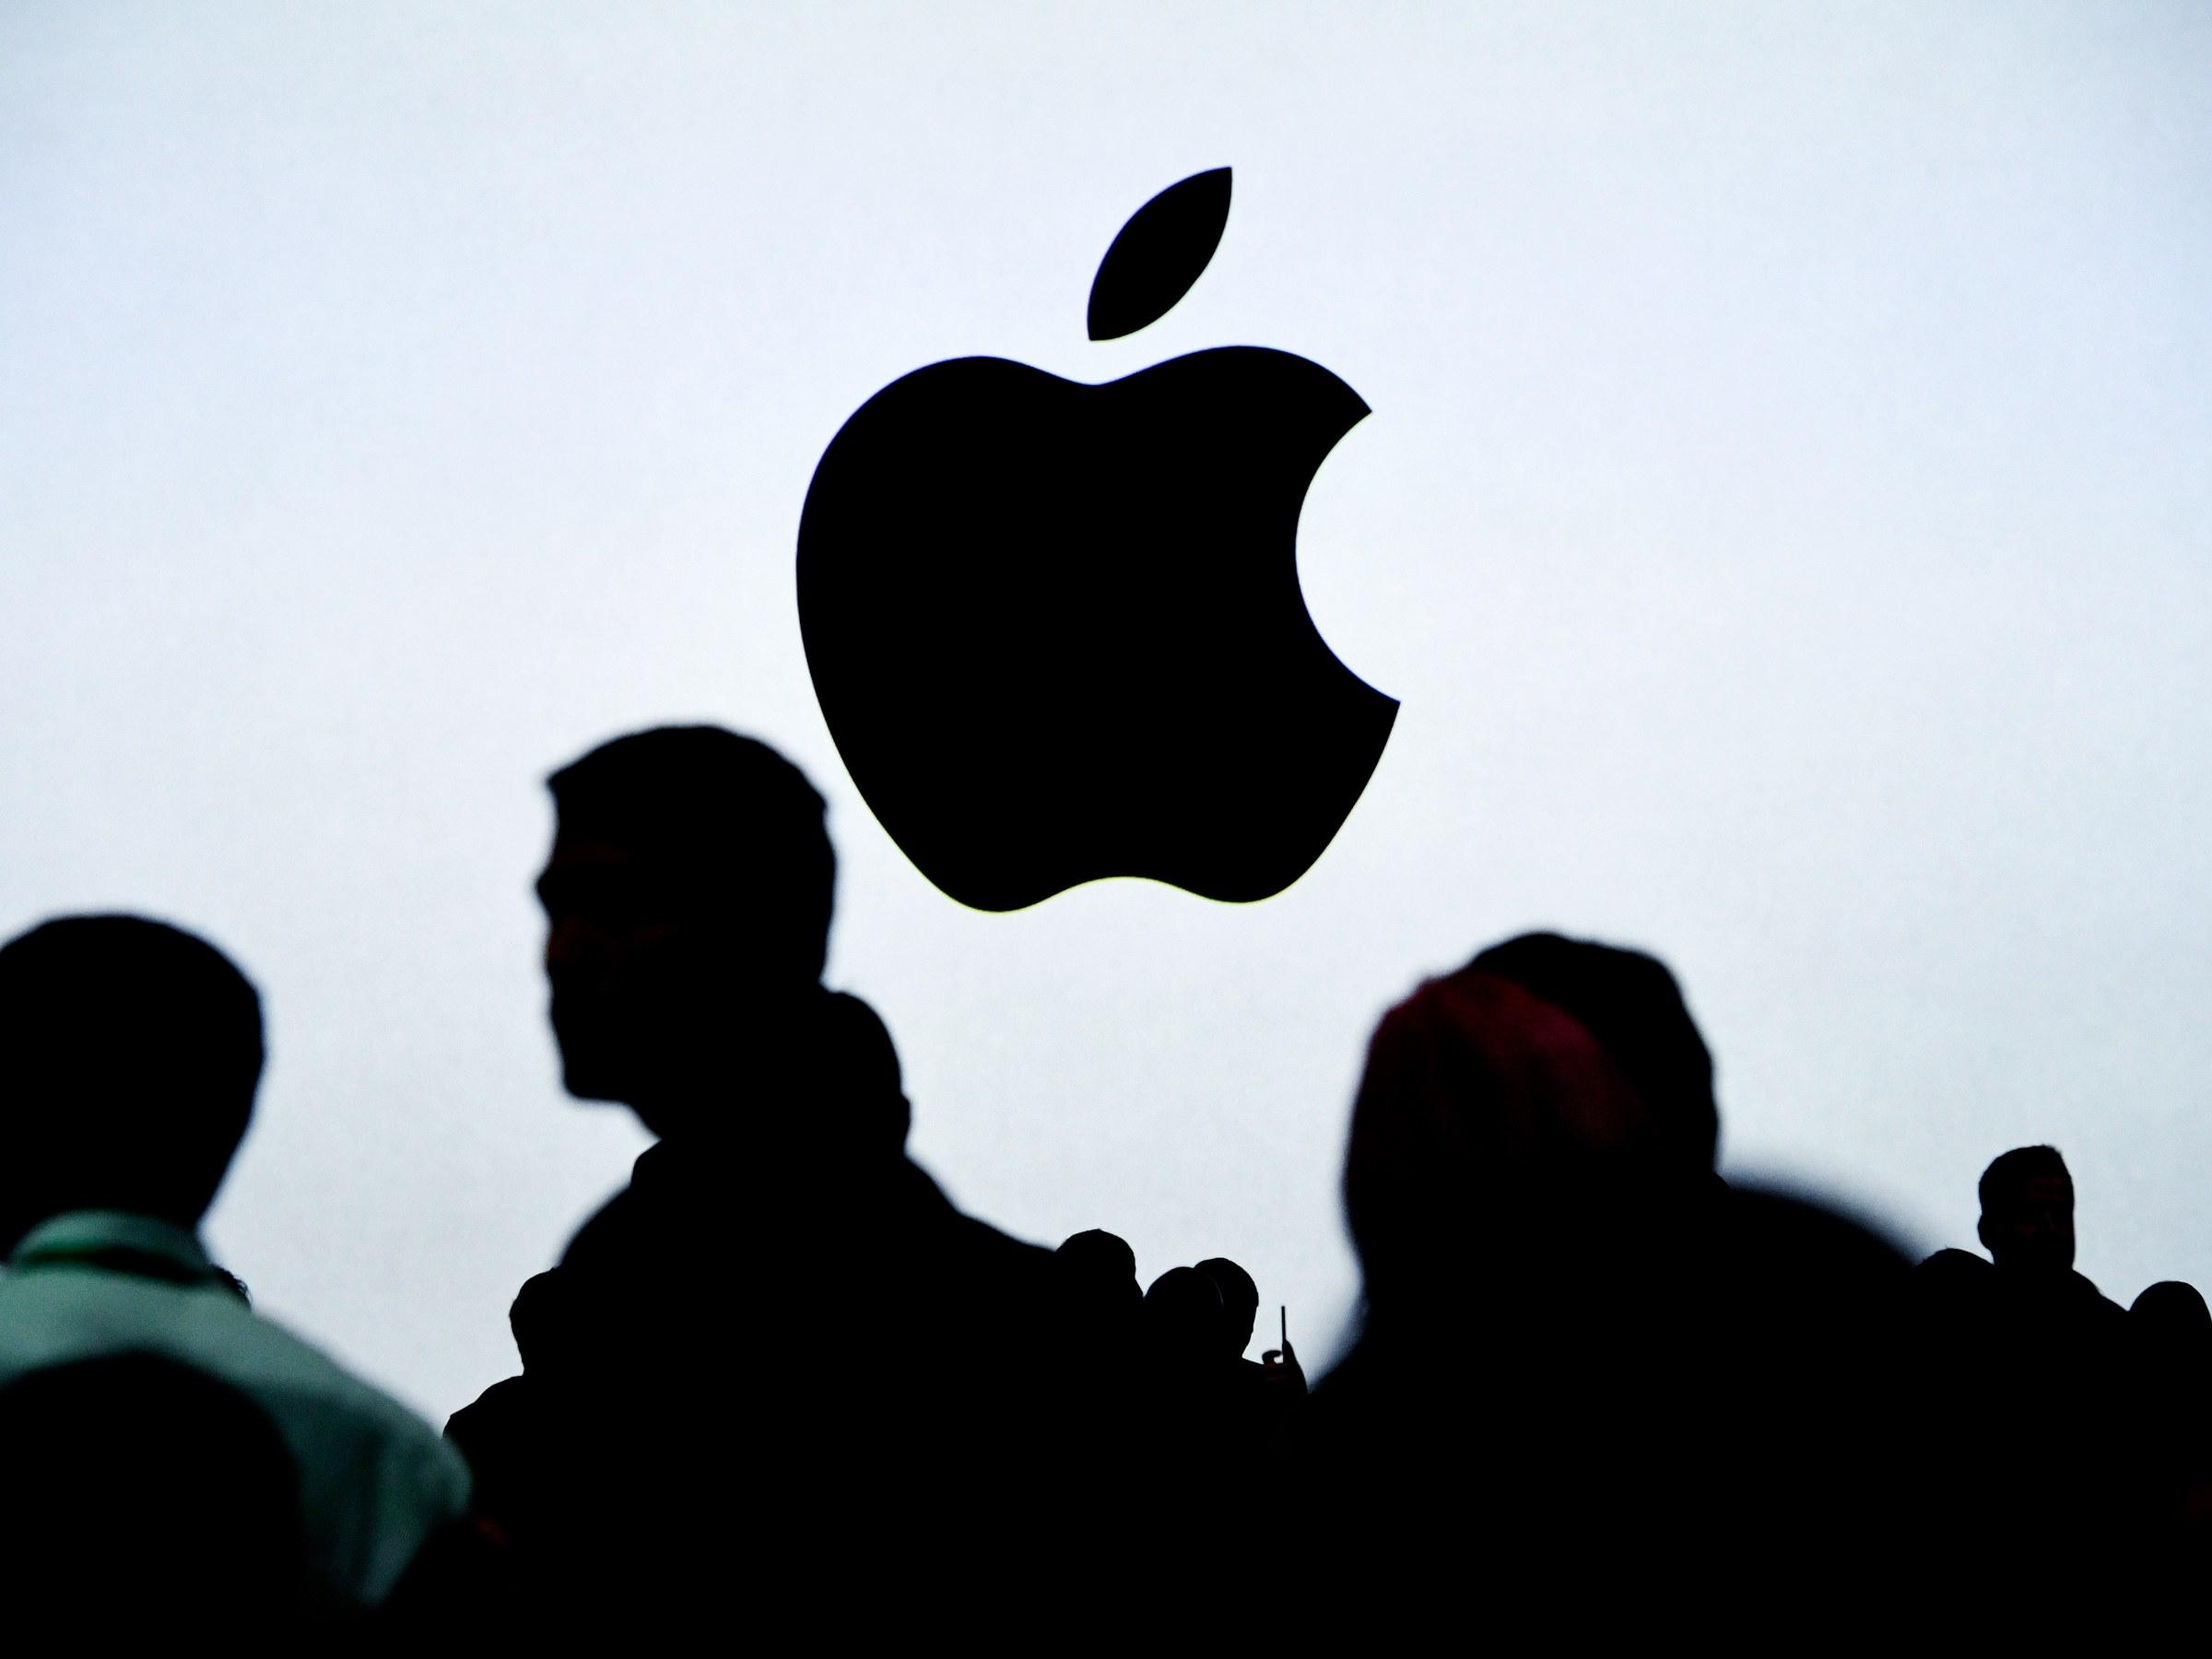 Apple дозволила співробітникам забирати прототипи пристроїв додому